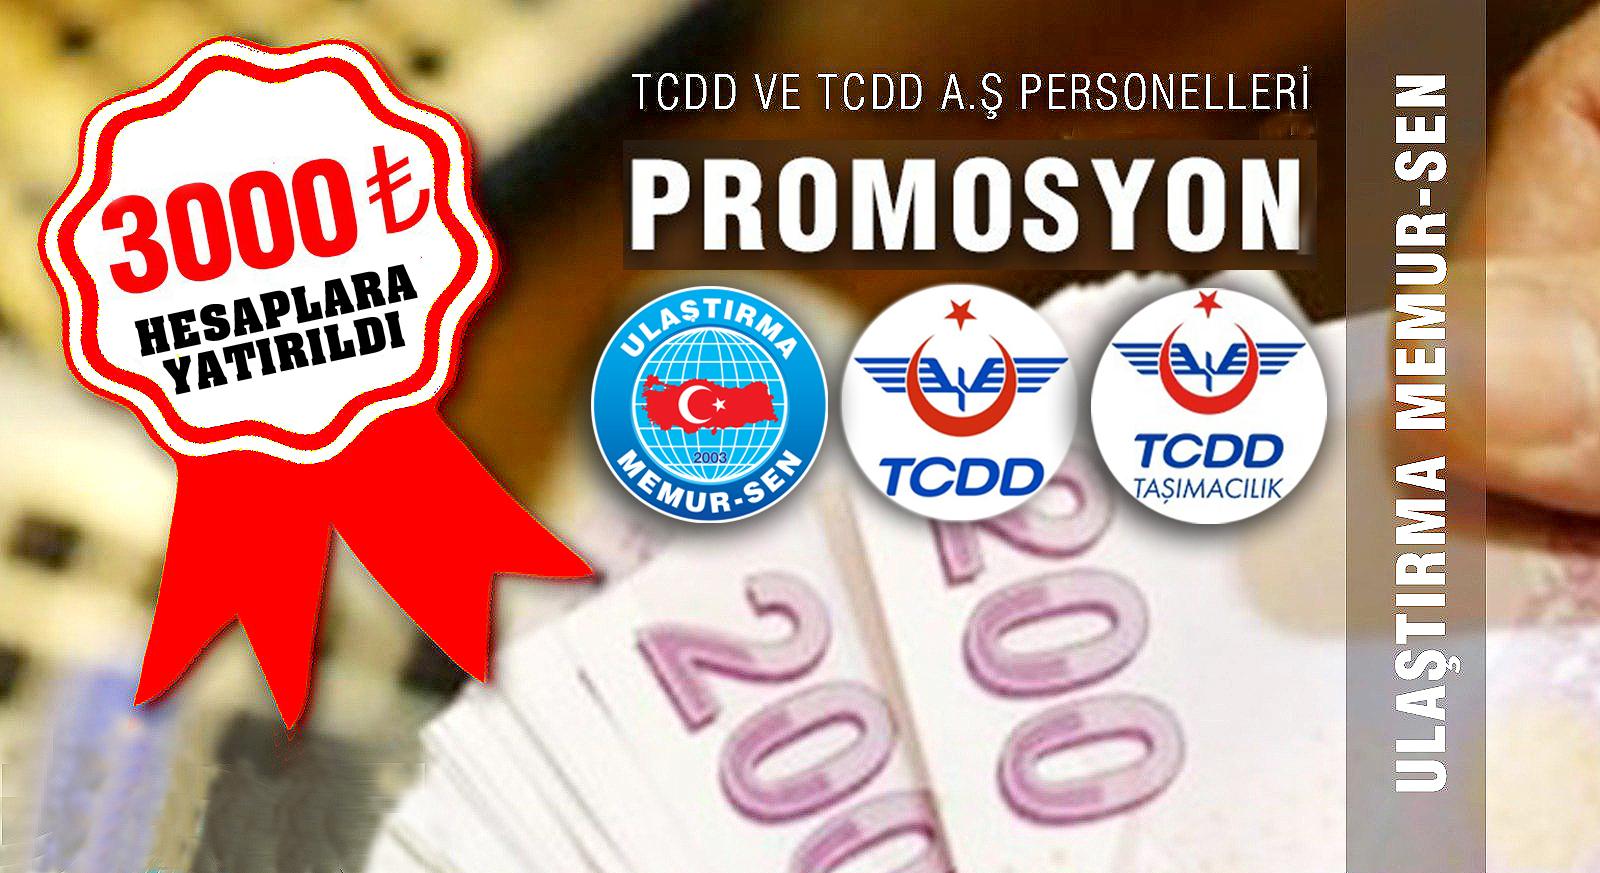 TCDD ve TCDD Taşımacılık A.Ş. Promosyon paraları hesaplara yatırıldı